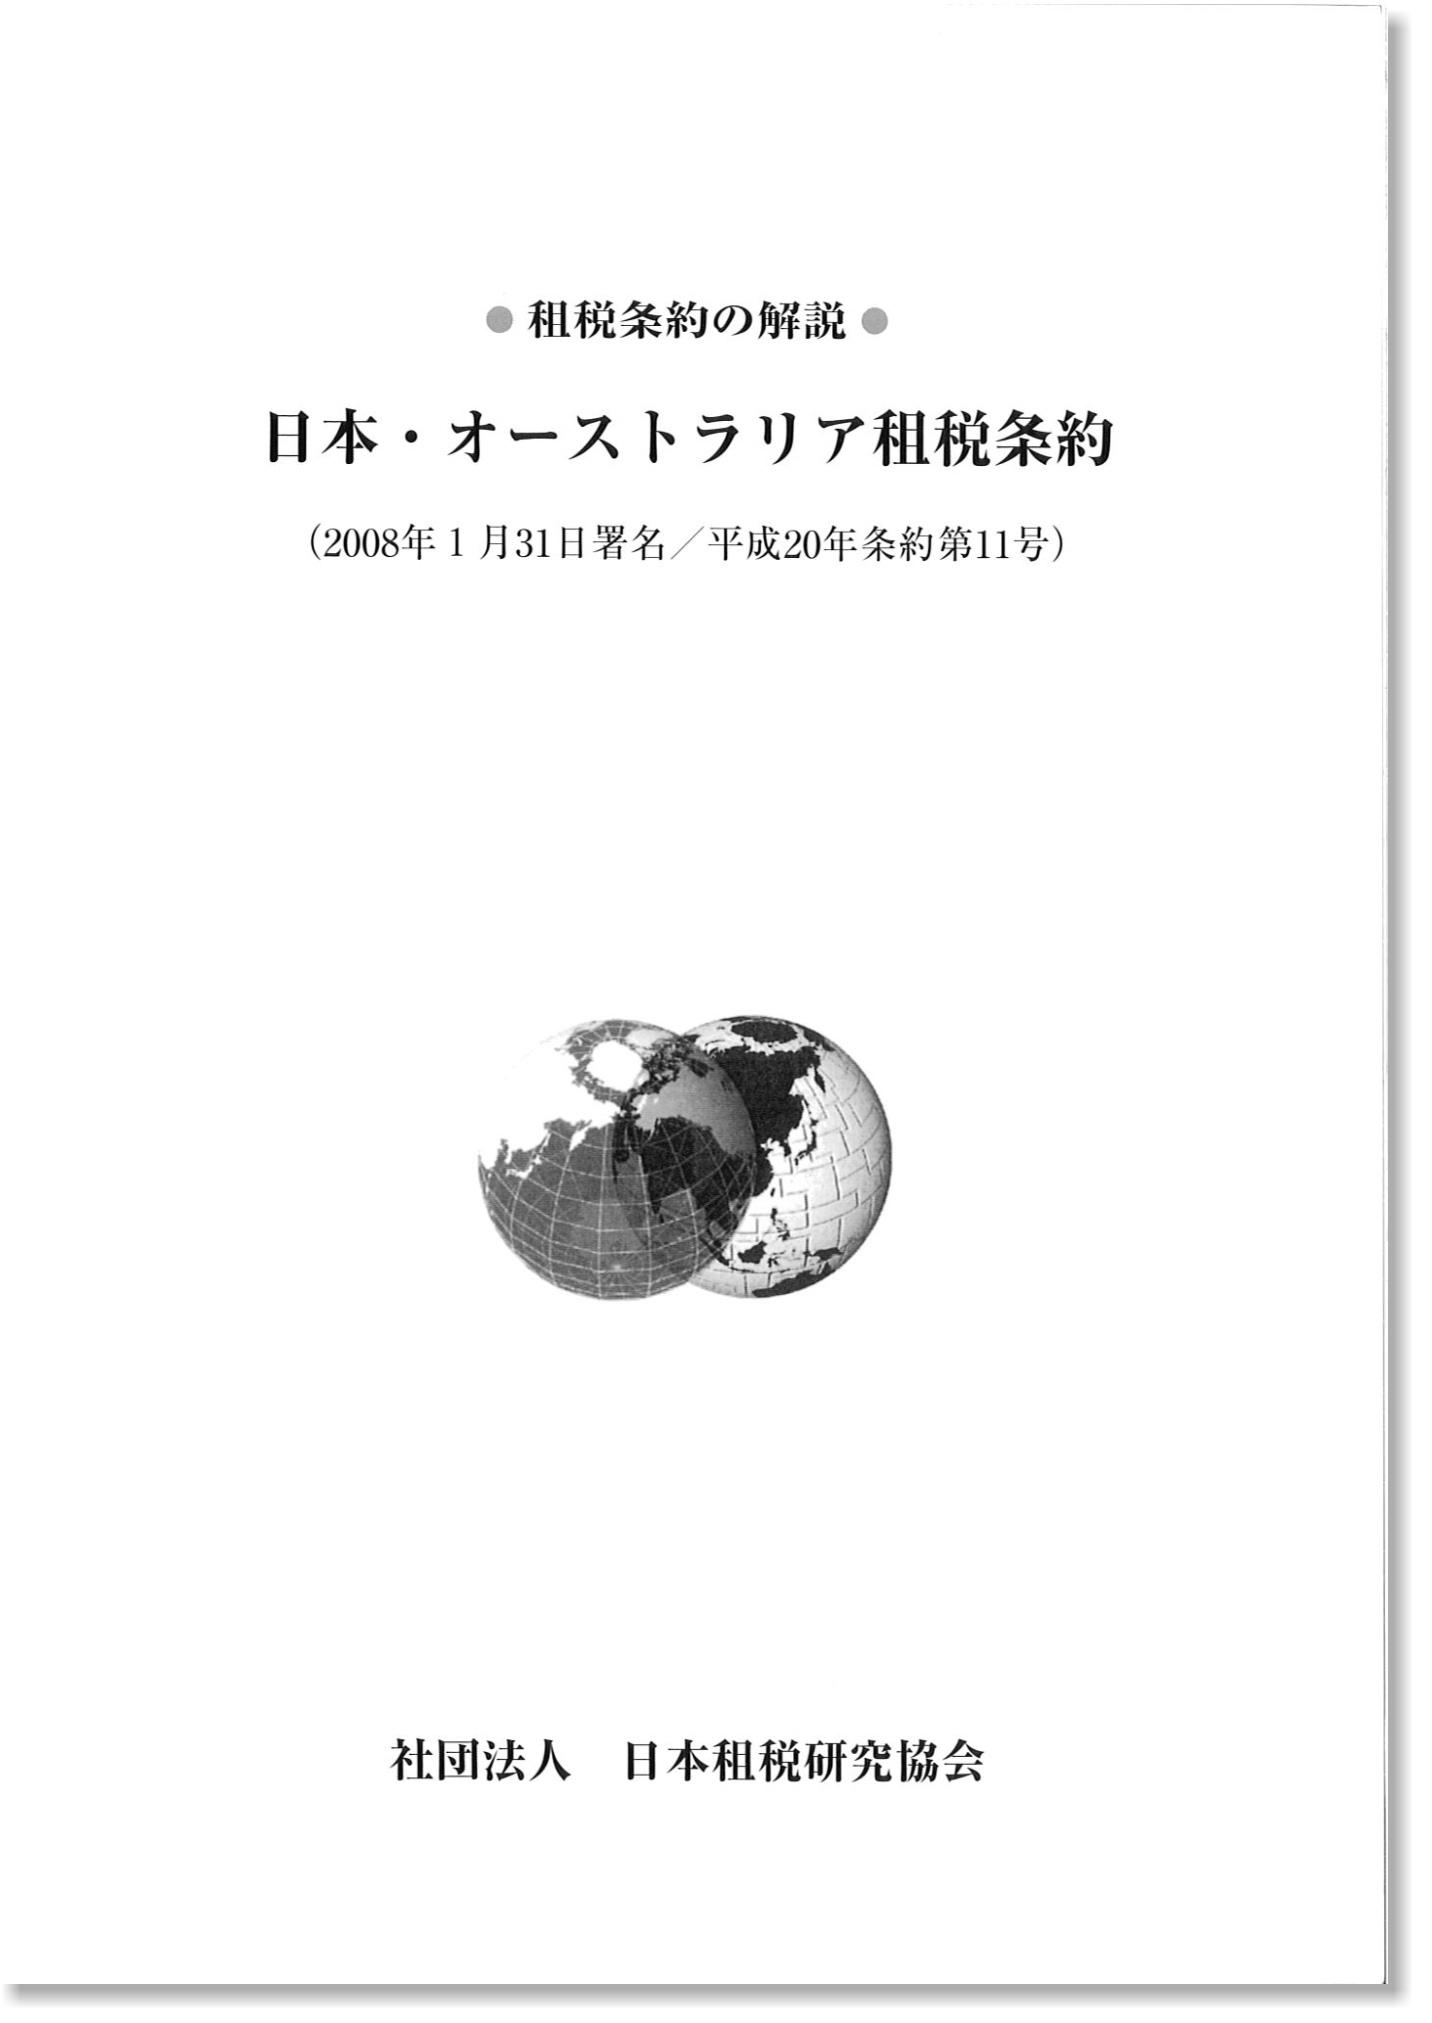 租税条約の解説-日本・オーストラリア租税条約